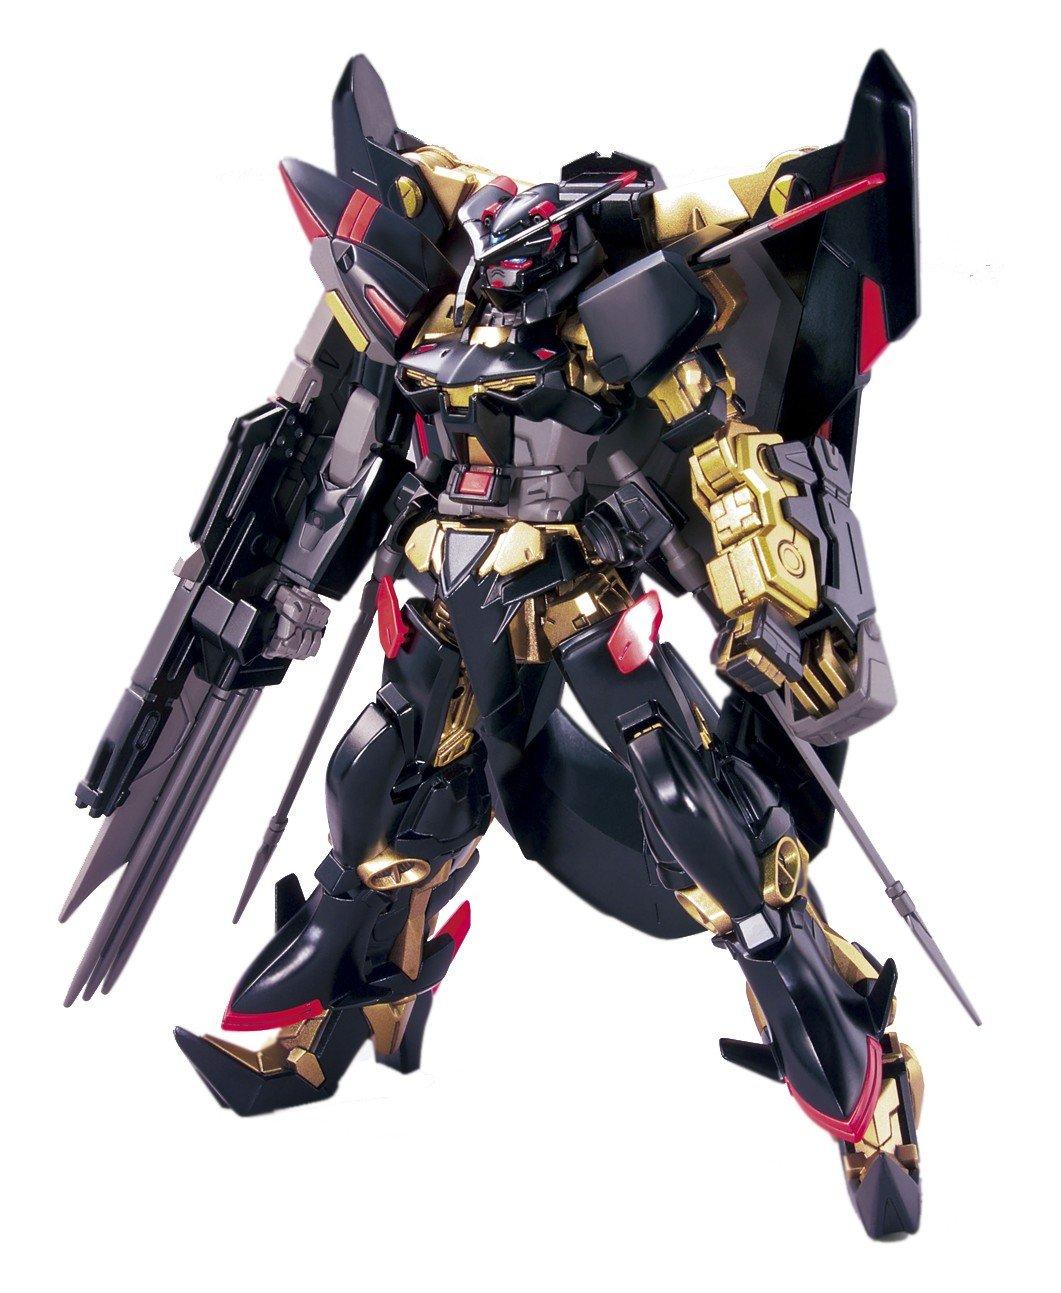 Amazon.com: Bandai Hobby 59 HG Gundam Gold Frame Astray Amatu Mina ...